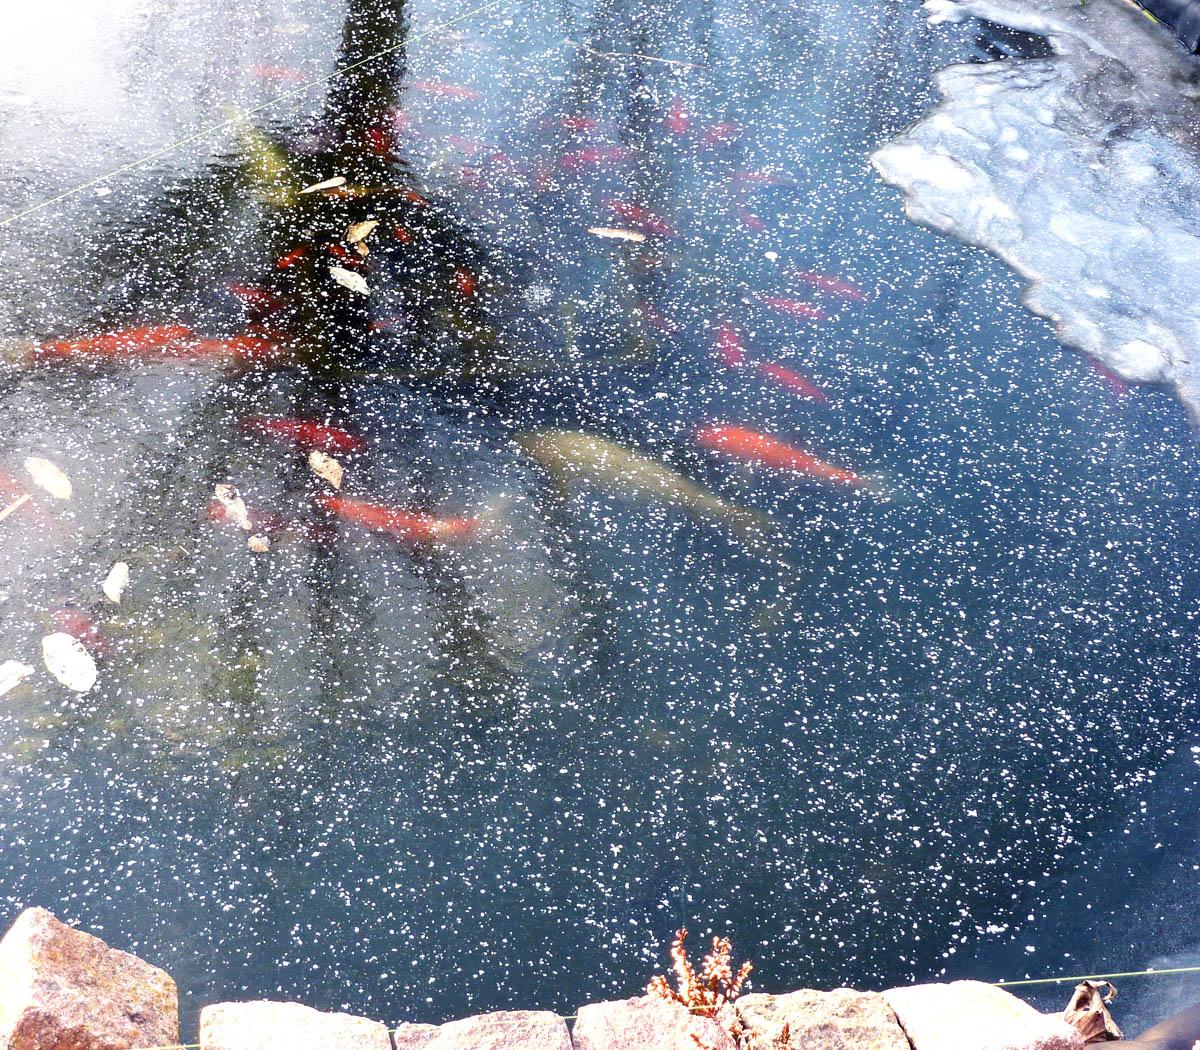 Unsere fische im winter foto bild tiere tiere for Goldfische im winter im teich